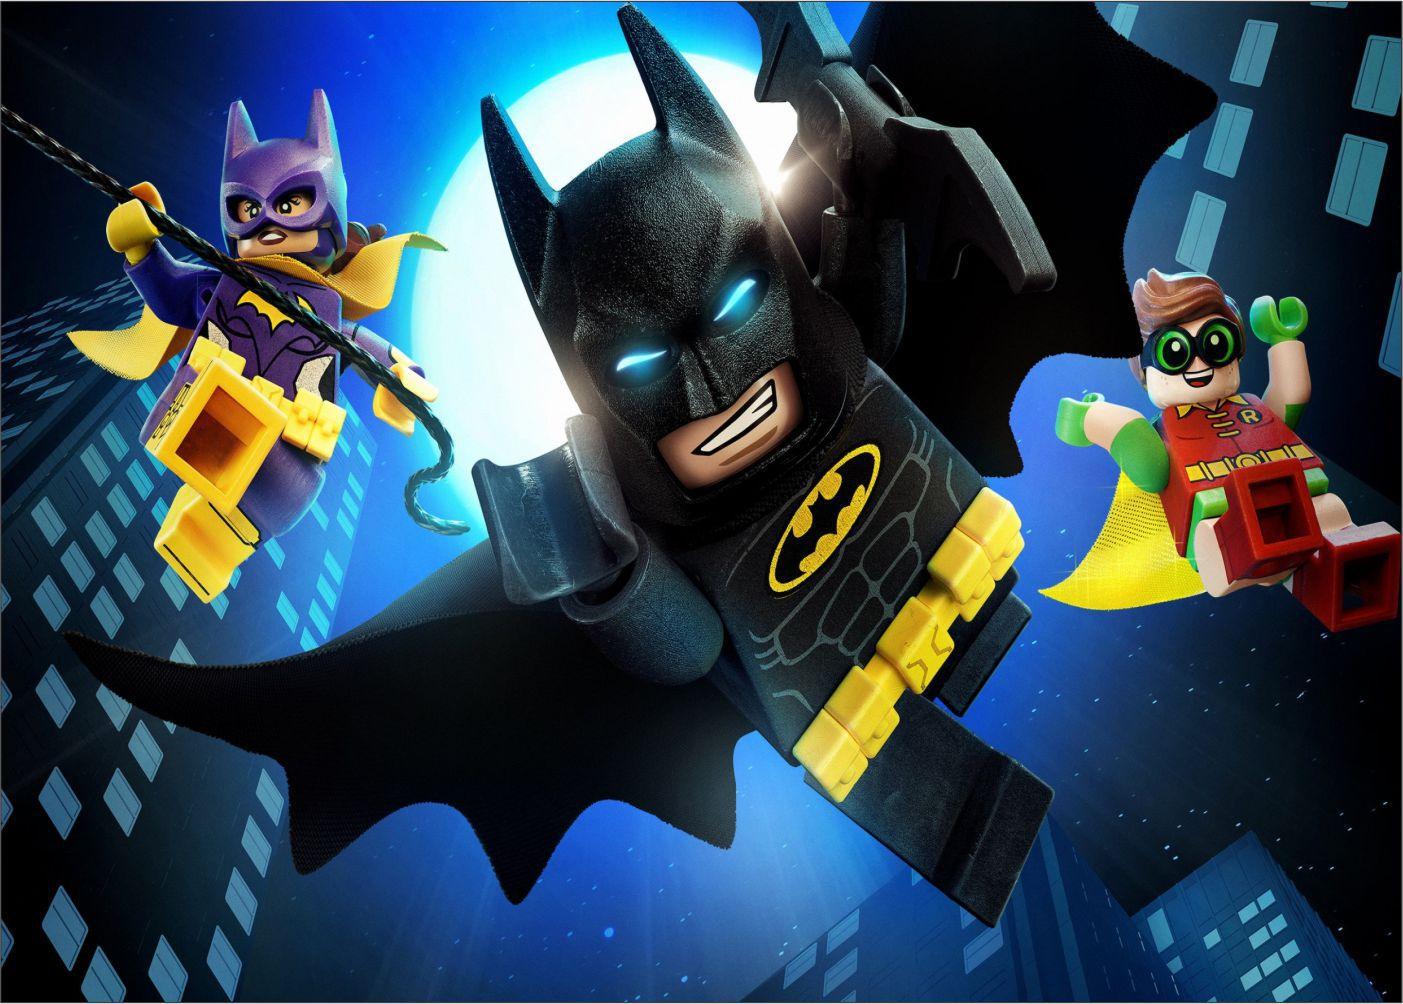 Papel de Parede Infantil Heróis lego 0016  - Paredes Decoradas